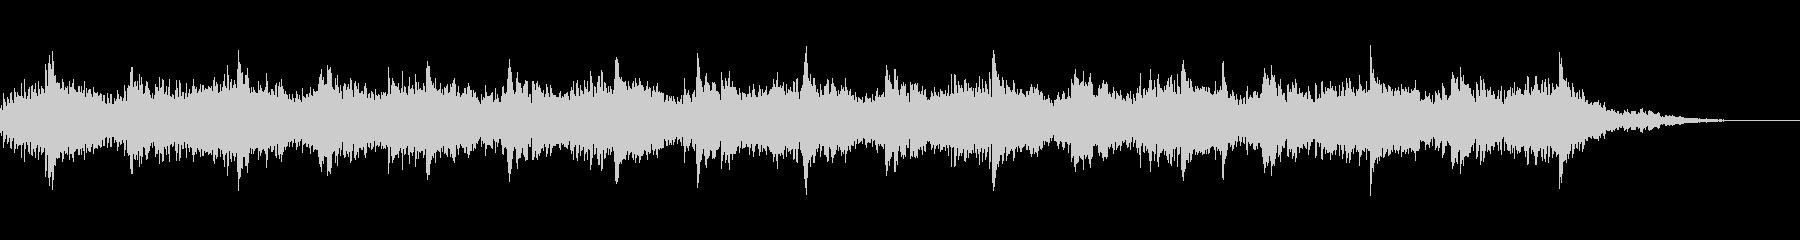 シンプルなピアノのフレーズの繰り返しですの未再生の波形